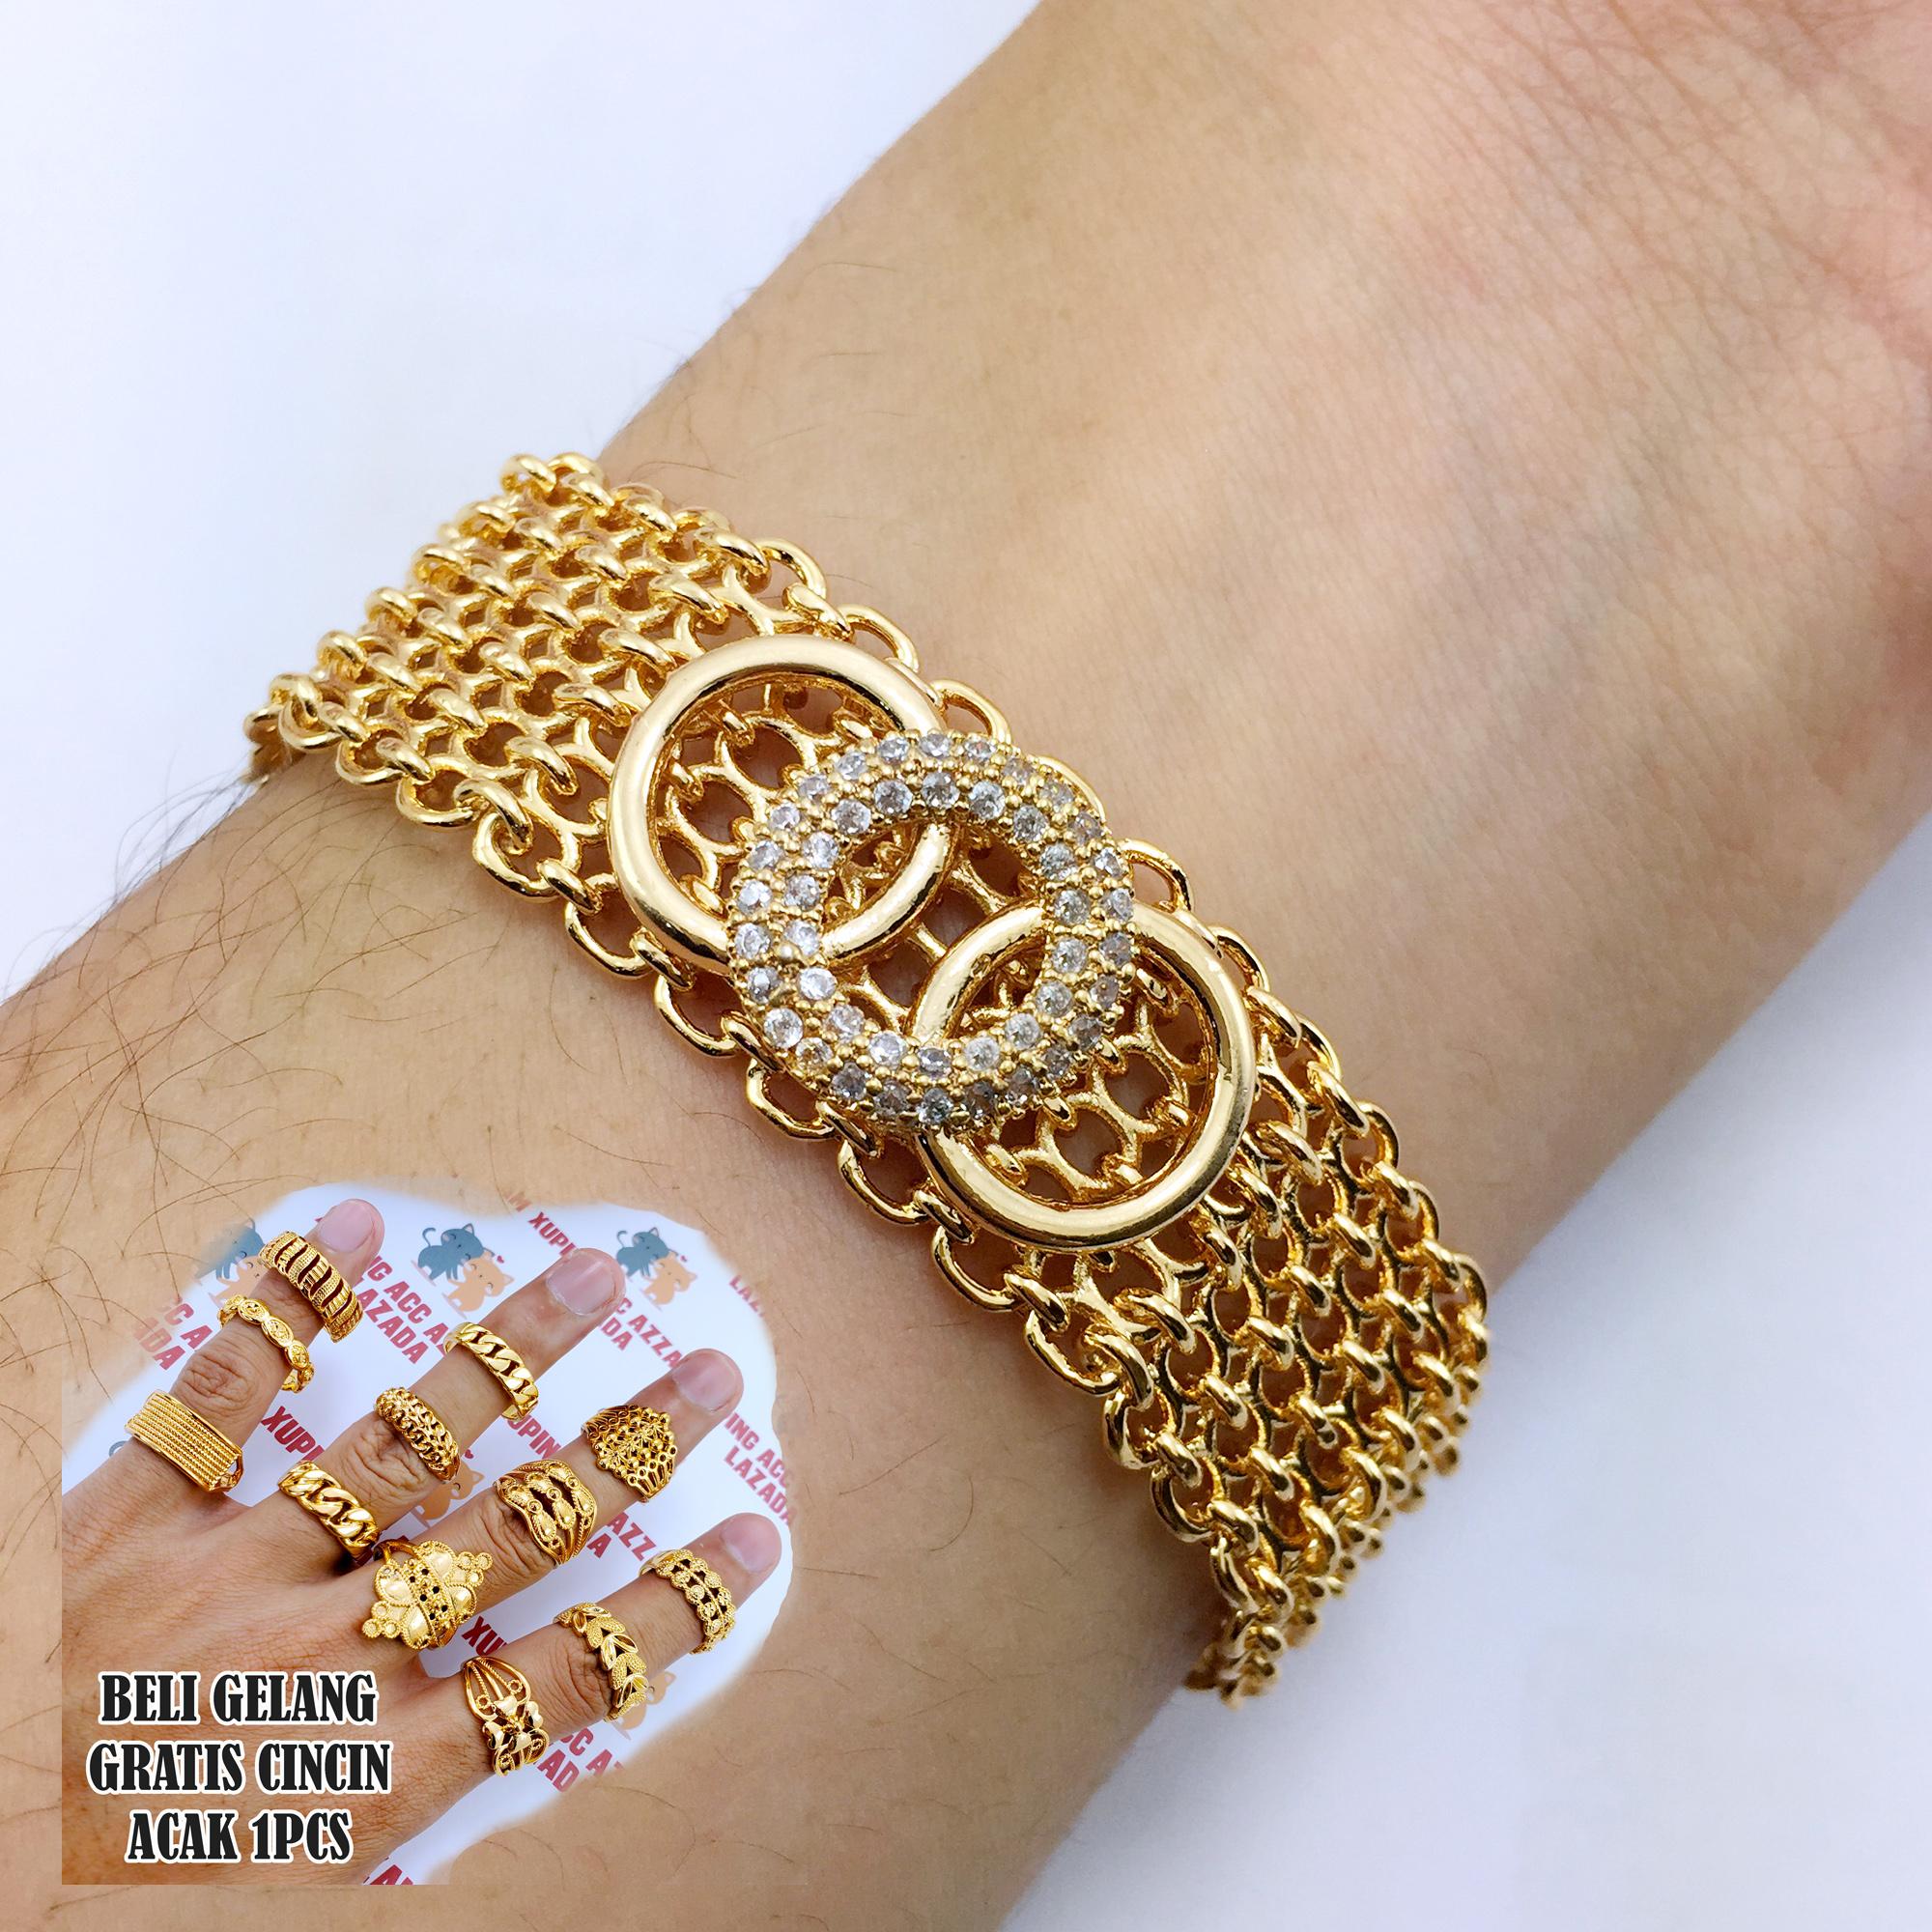 golden crown gelang pita gratis cincin cantik 1pcs